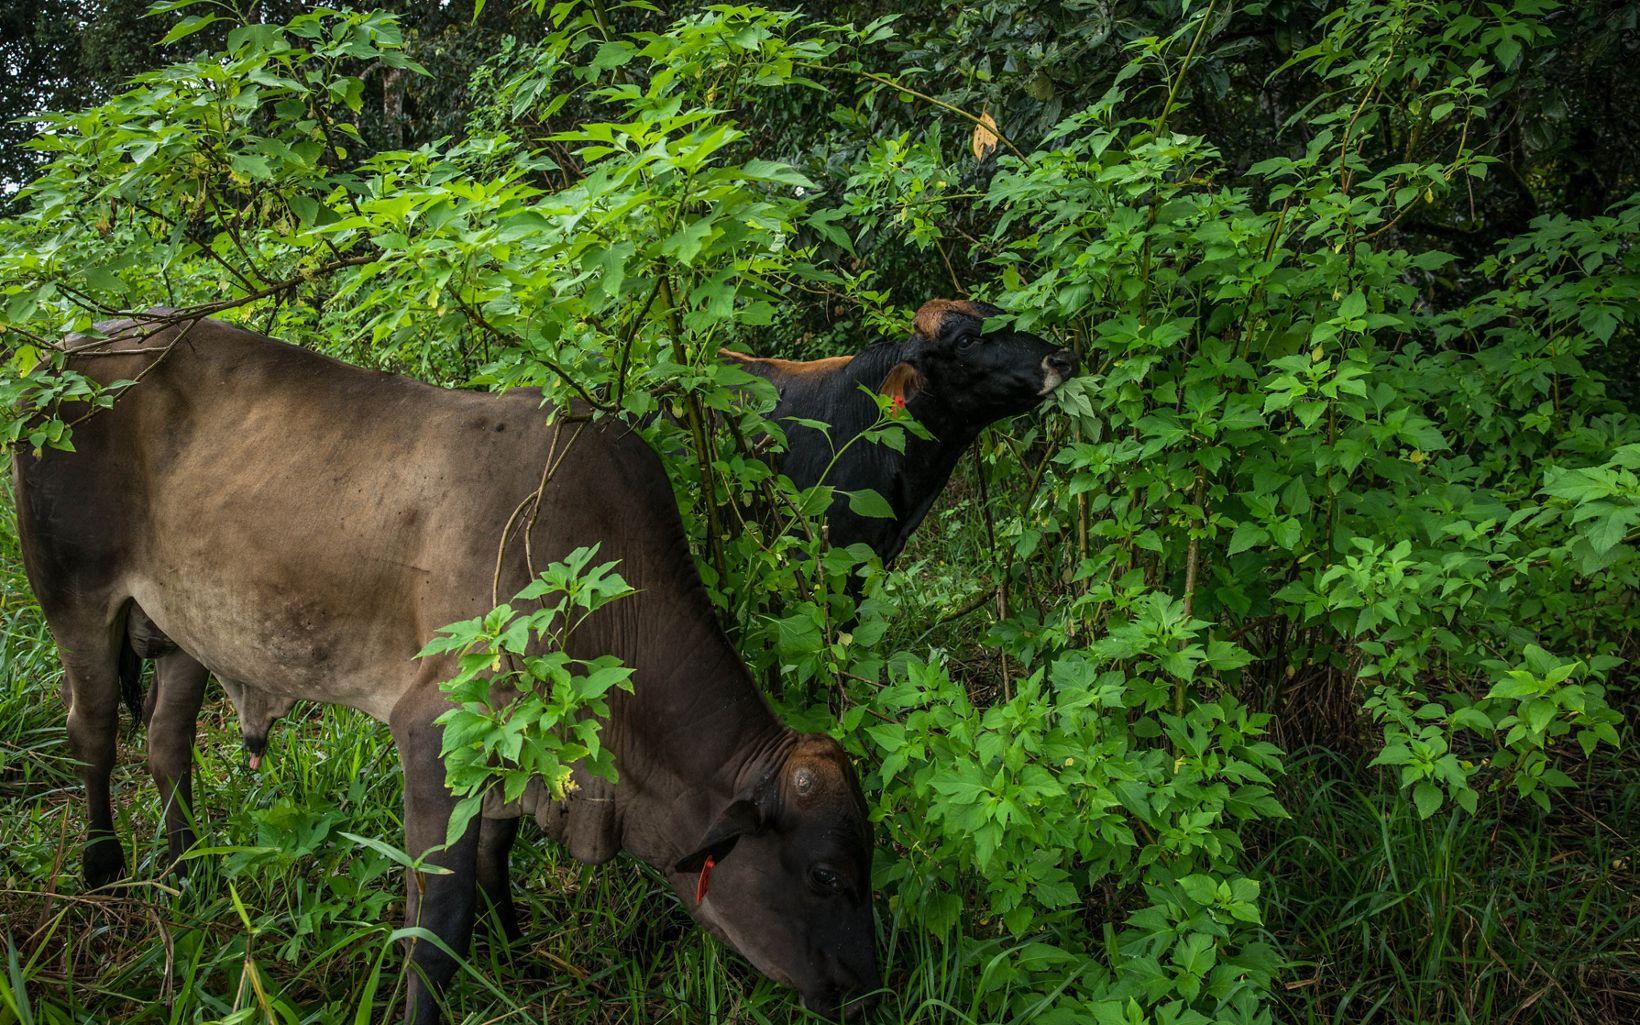 Una ganadería que reduce impactos y contribuye a reforestar por el bienestar de la biodiversidad, con impactos muy positivos en la productividad de los pequeños ganaderos.